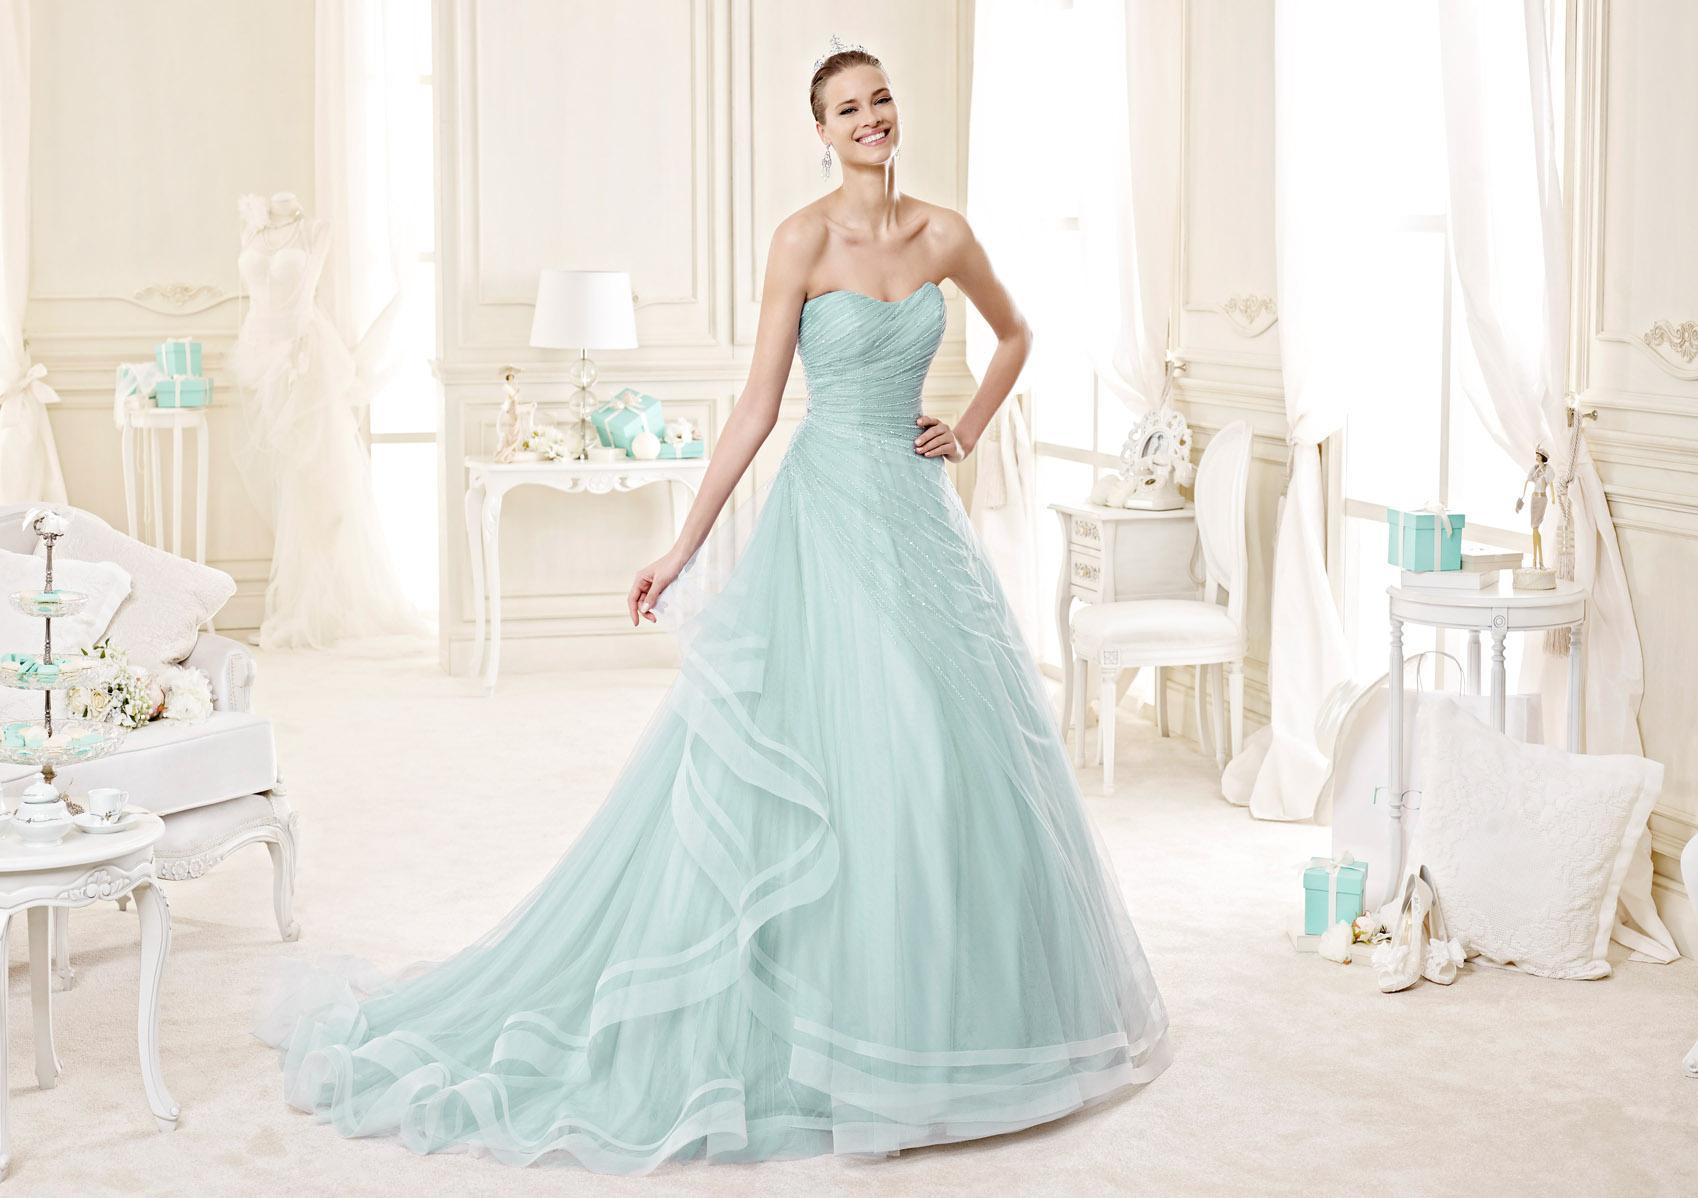 Matrimonio Color Azzurro Polvere : Tendenze colori matrimonio primavera estate lei trendy